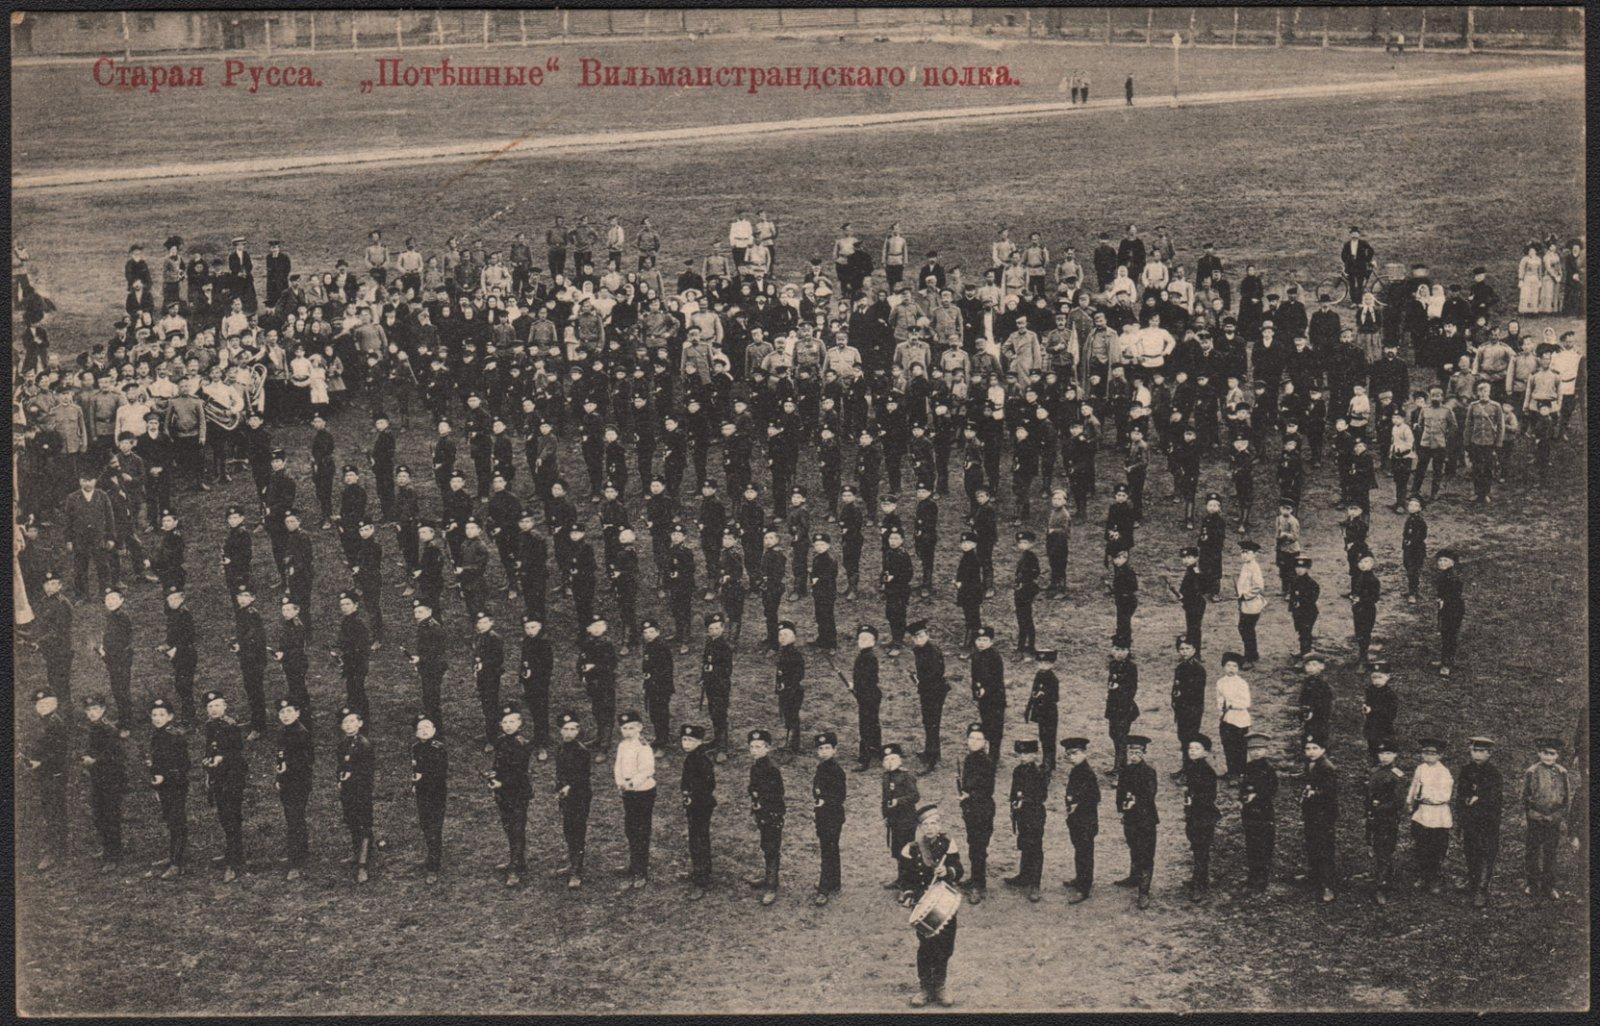 86-го пехотный Вильманстрандский полк. Потешные